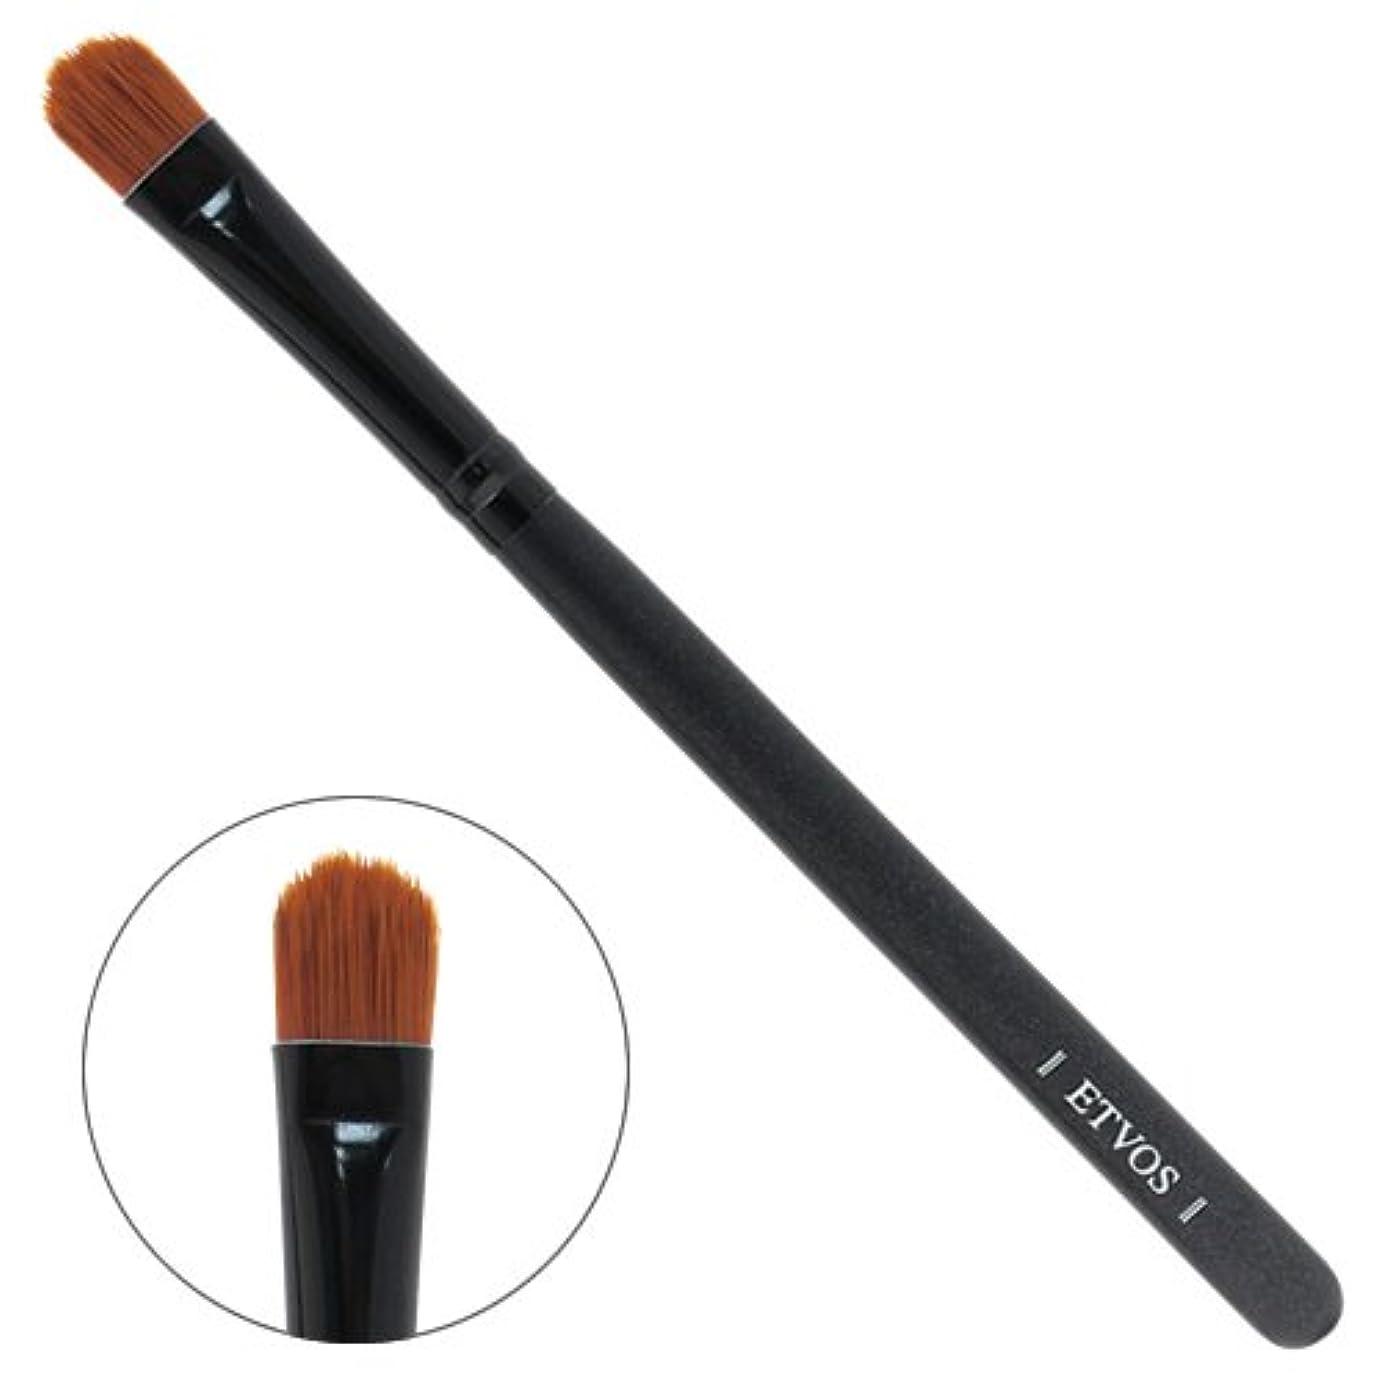 安全な締める溶接ETVOS(エトヴォス) アイシャドーブラシ 平らで毛先を丸カット/アイシャドウ用化粧筆 重ね塗り対応 14cm